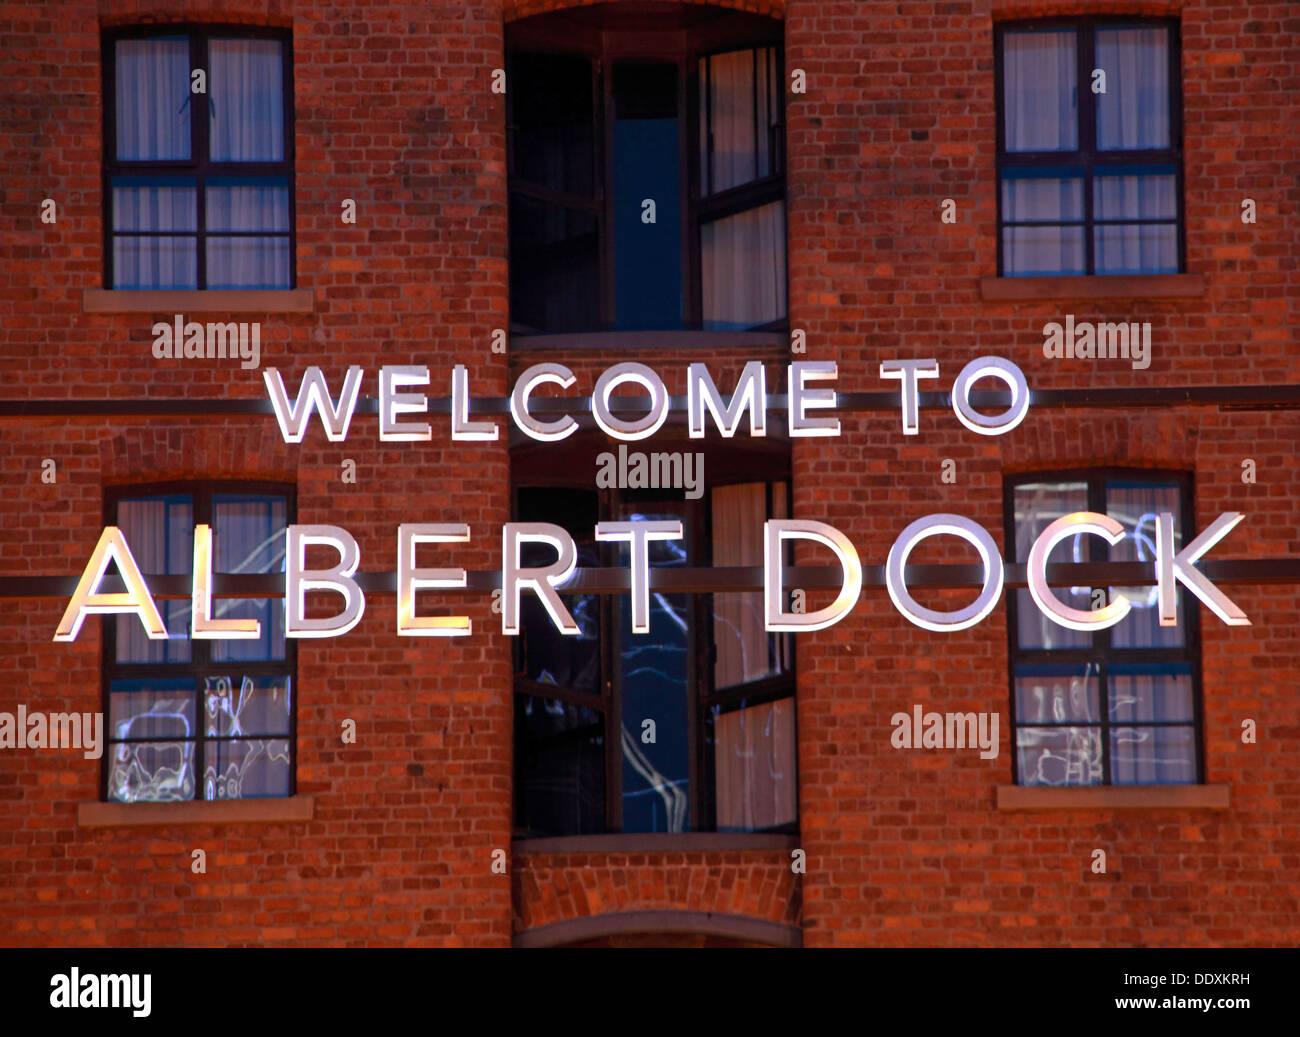 Laden Sie dieses Alamy Stockfoto Willkommen im Albert Dock Zeichen InLiverpool in der Dämmerung / Nacht, Merseyside, England, UK blaue Stunde - DDXKRH